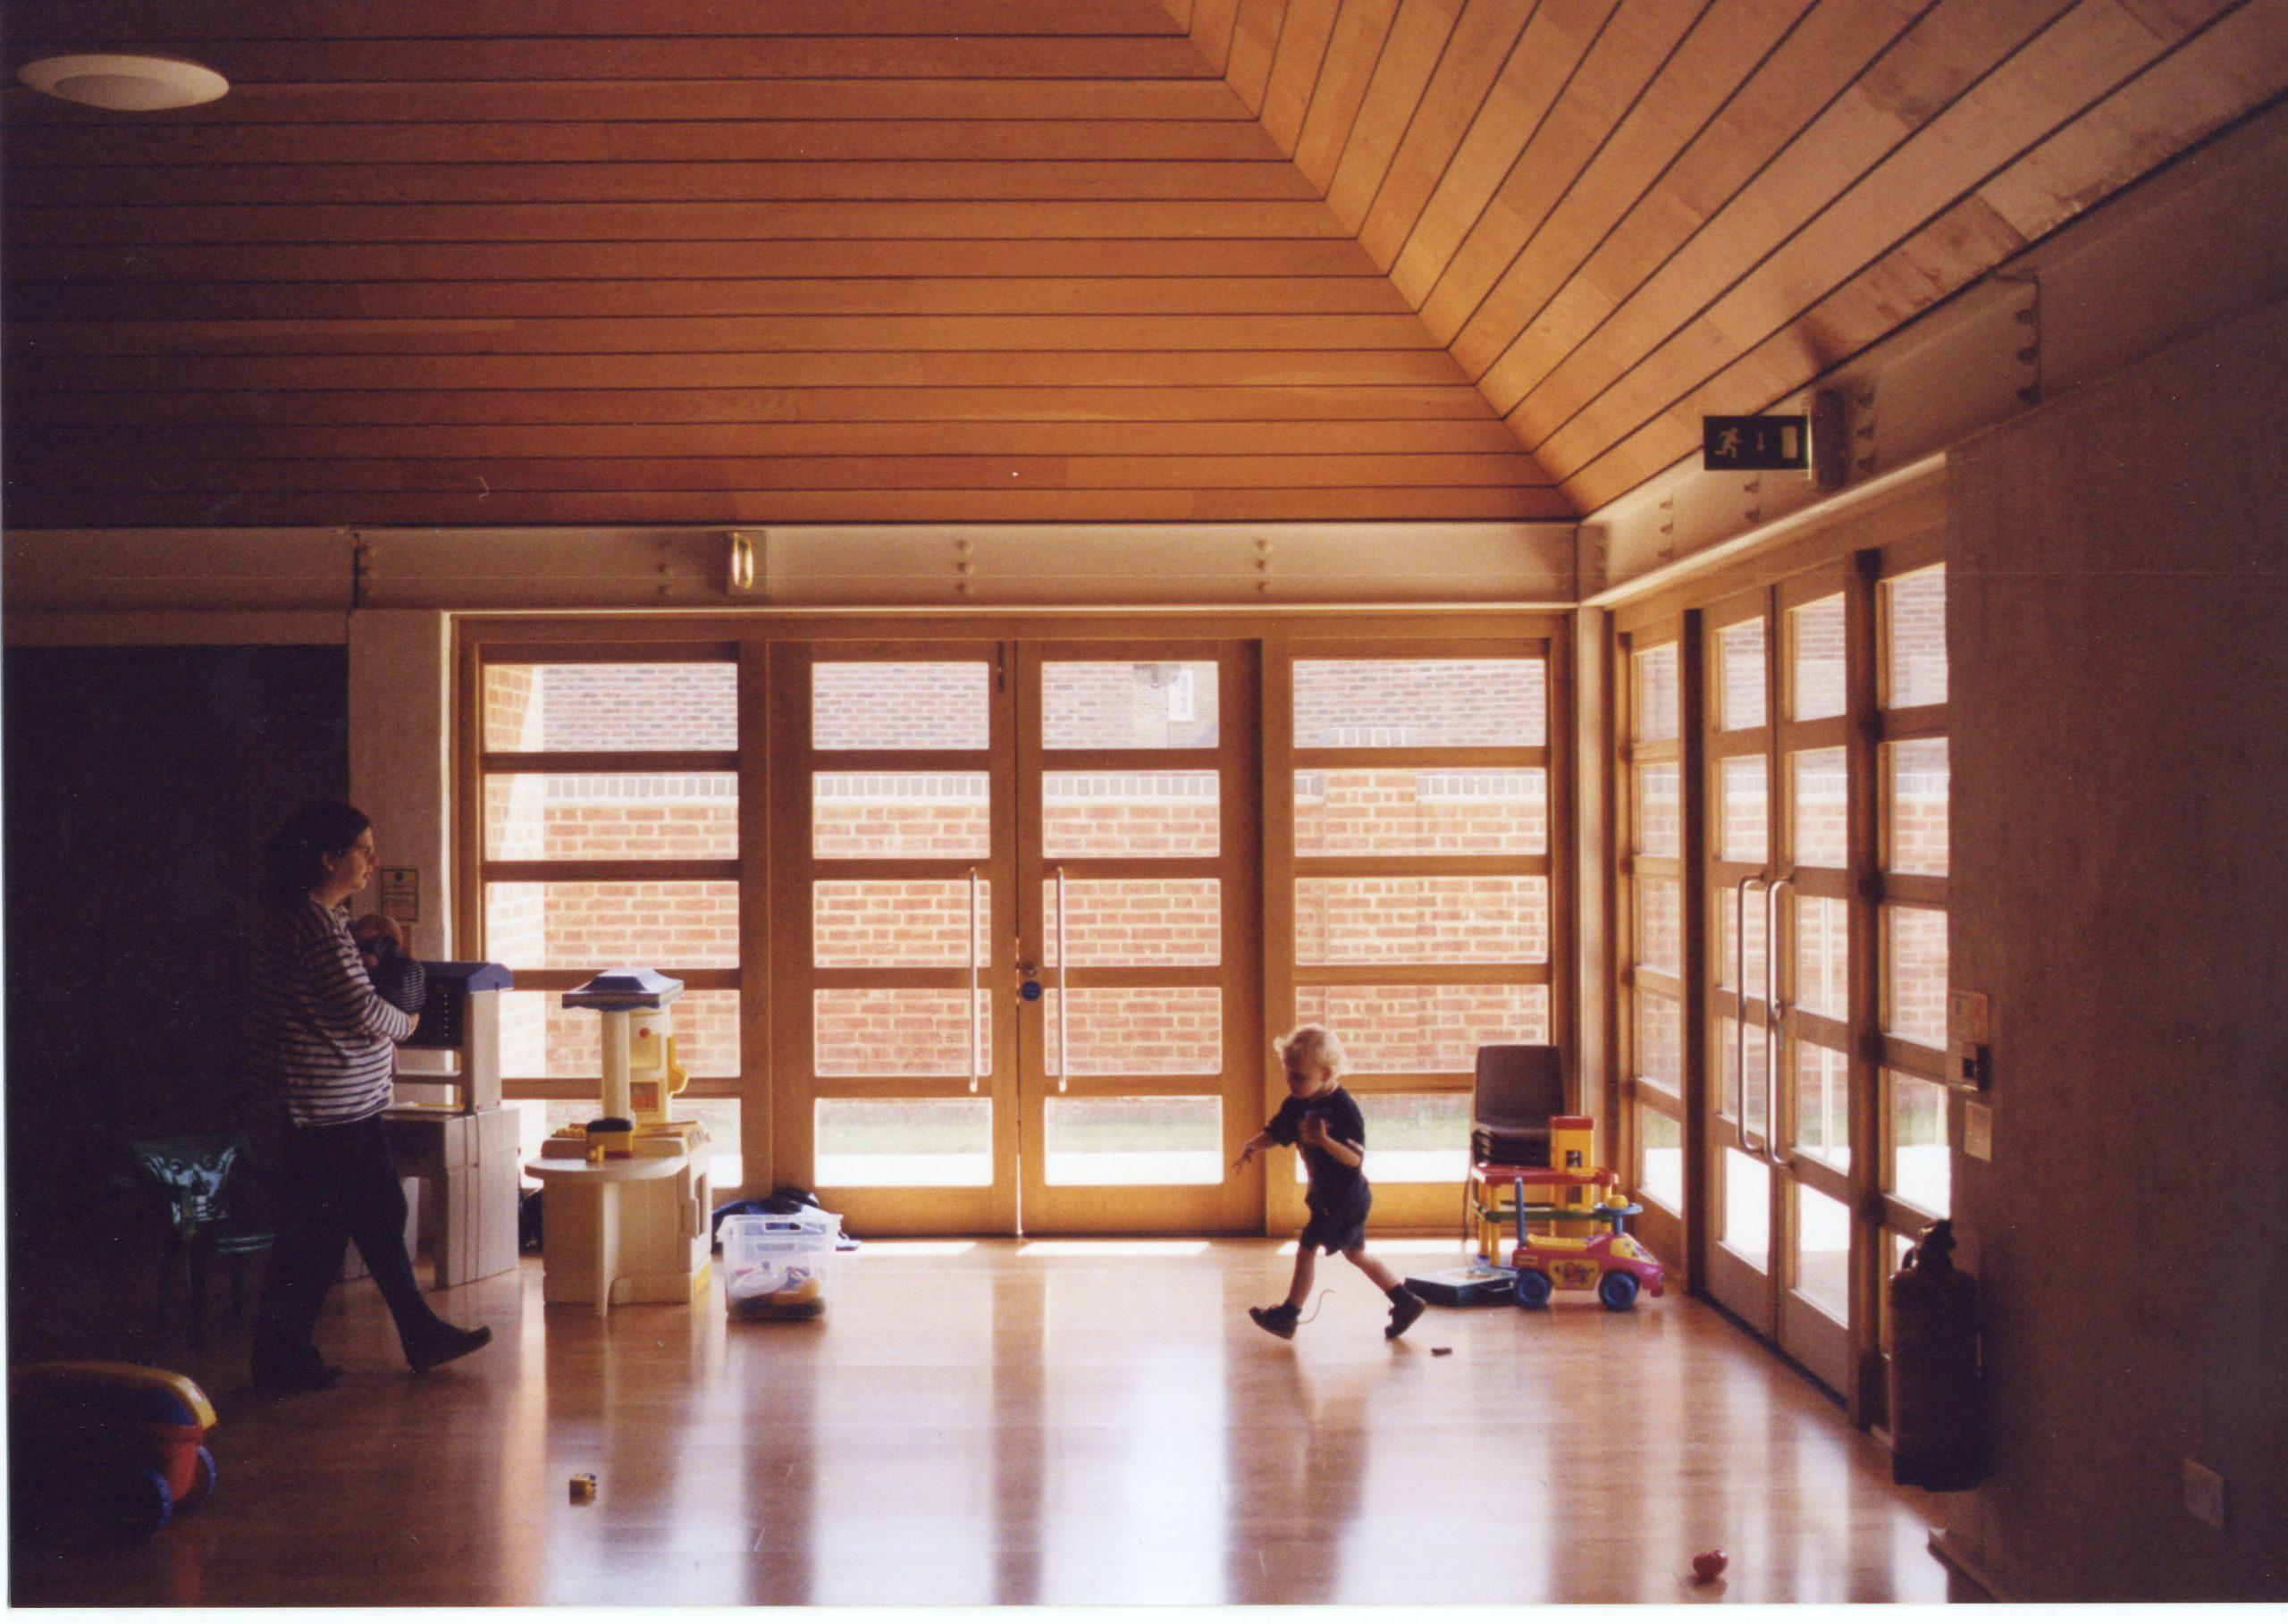 Fairford Leys Community Centre